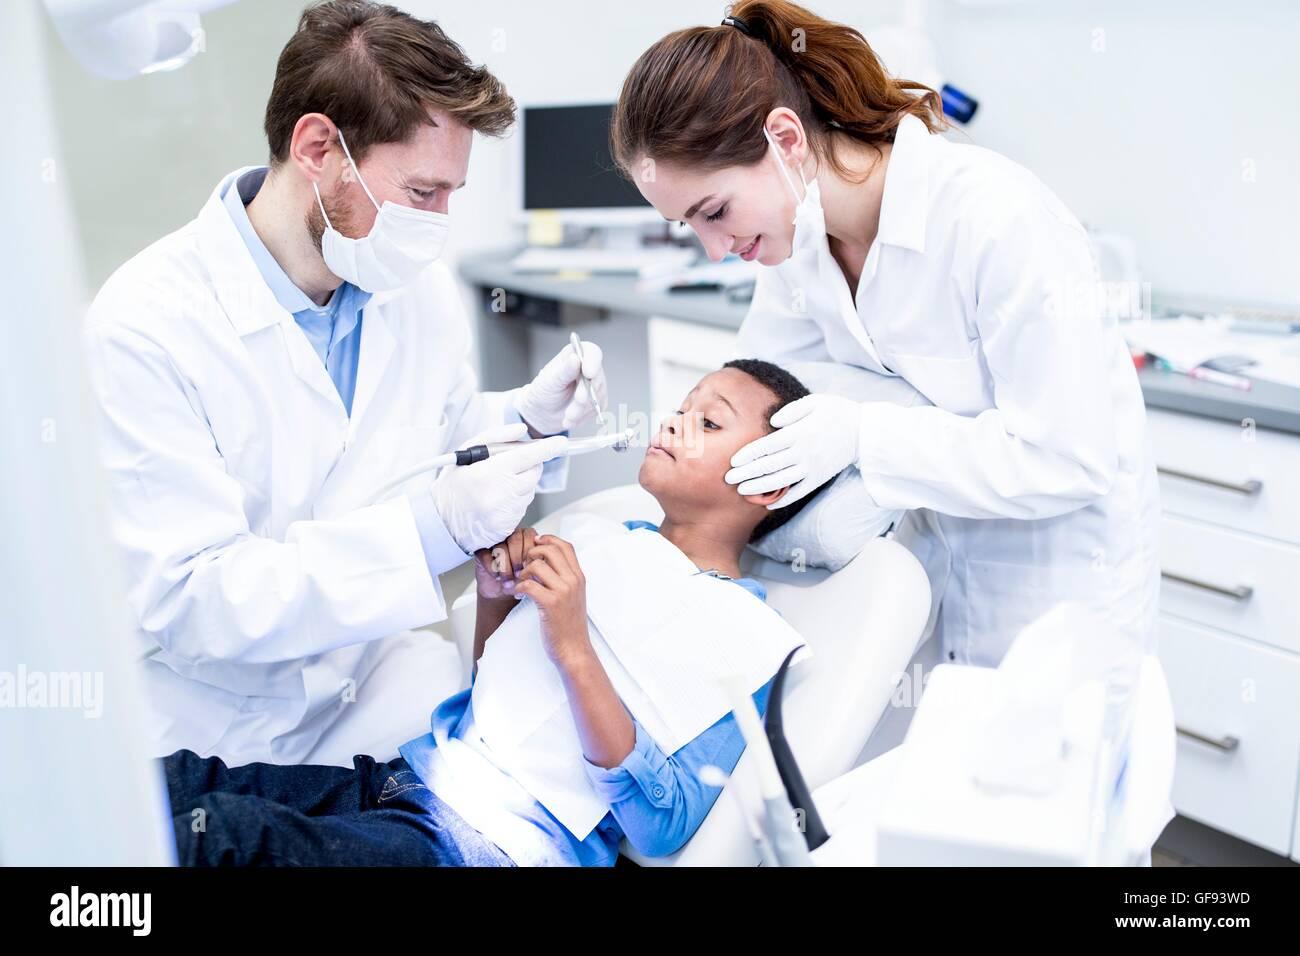 -MODELL VERÖFFENTLICHT. Angst, junge Zahnbohrer in der Hand des Zahnarztes zu betrachten. Stockbild